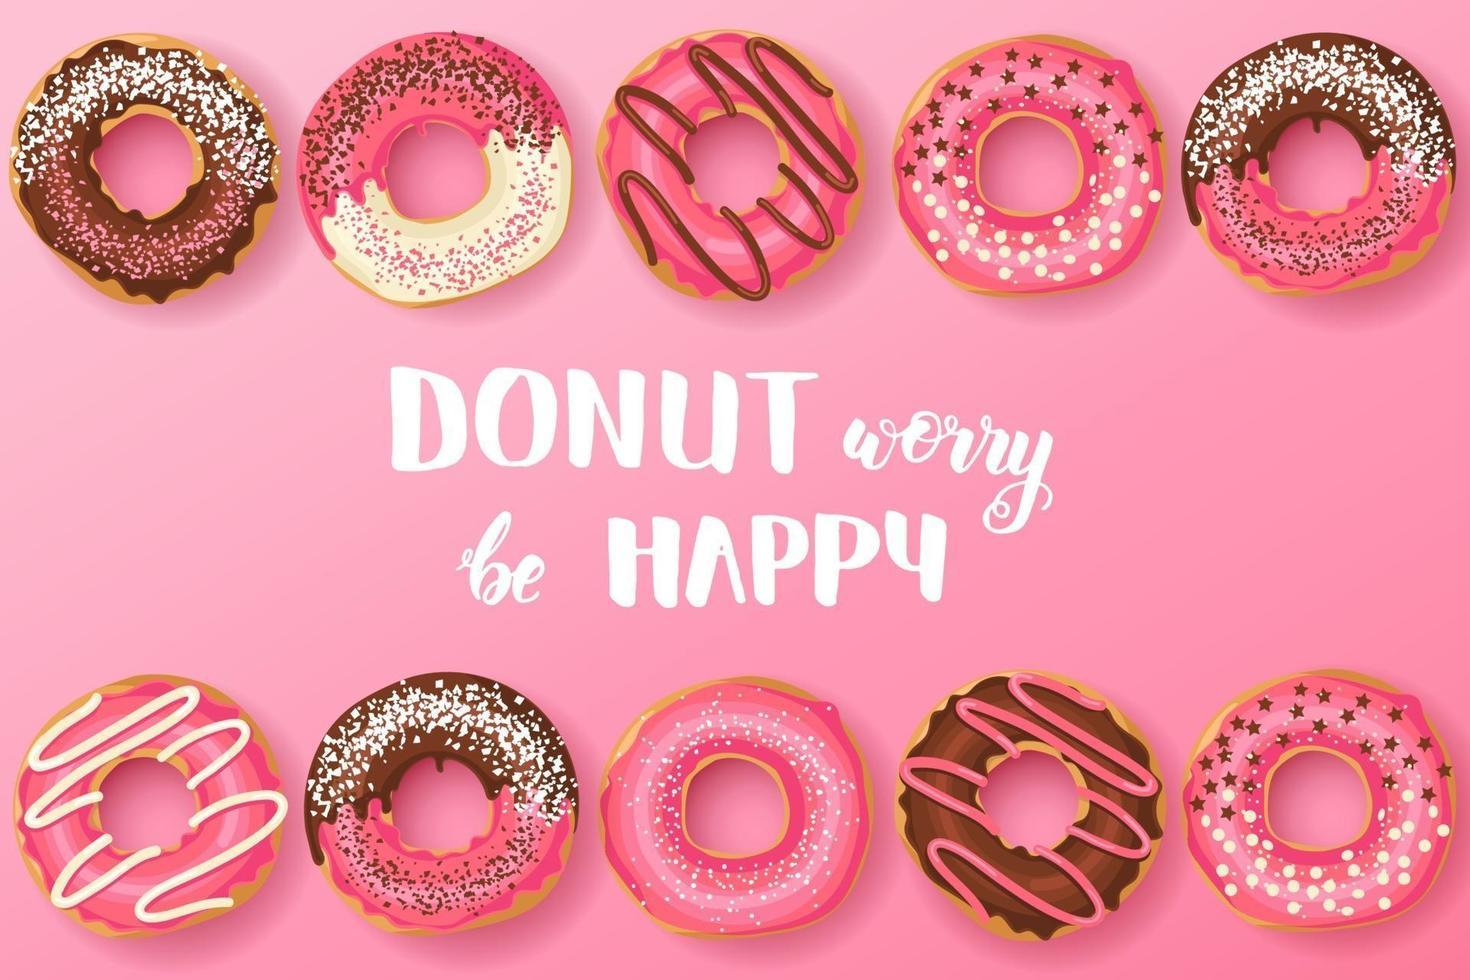 zoete achtergrond met handgemaakte inspirerende en motiverende citaat donut zorgen wees blij met roze geglazuurde donuts met chocolade en poeder. voedsel ontwerp vector